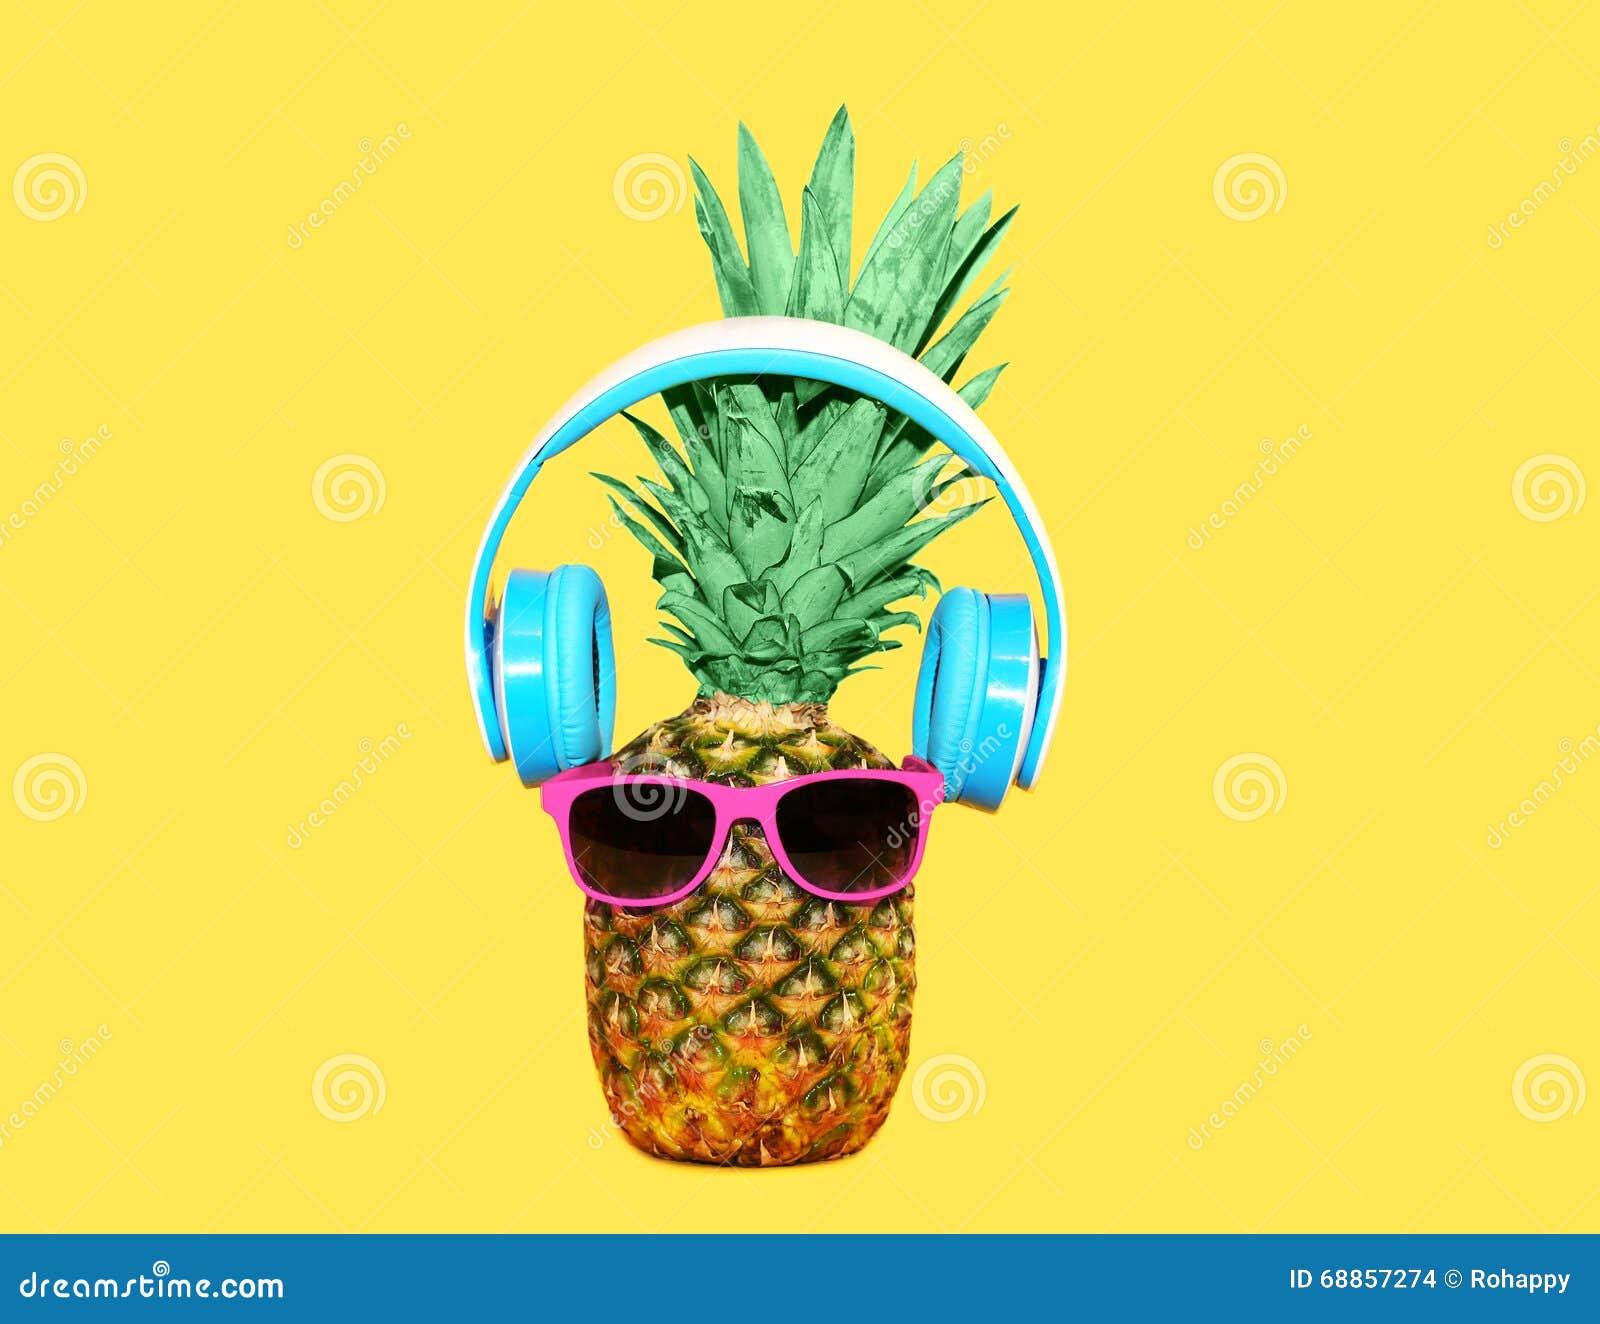 Moda ananas z okularami przeciwsłonecznymi i hełmofonami słucha muzykę nad żółtym tłem, ananas pojęcie